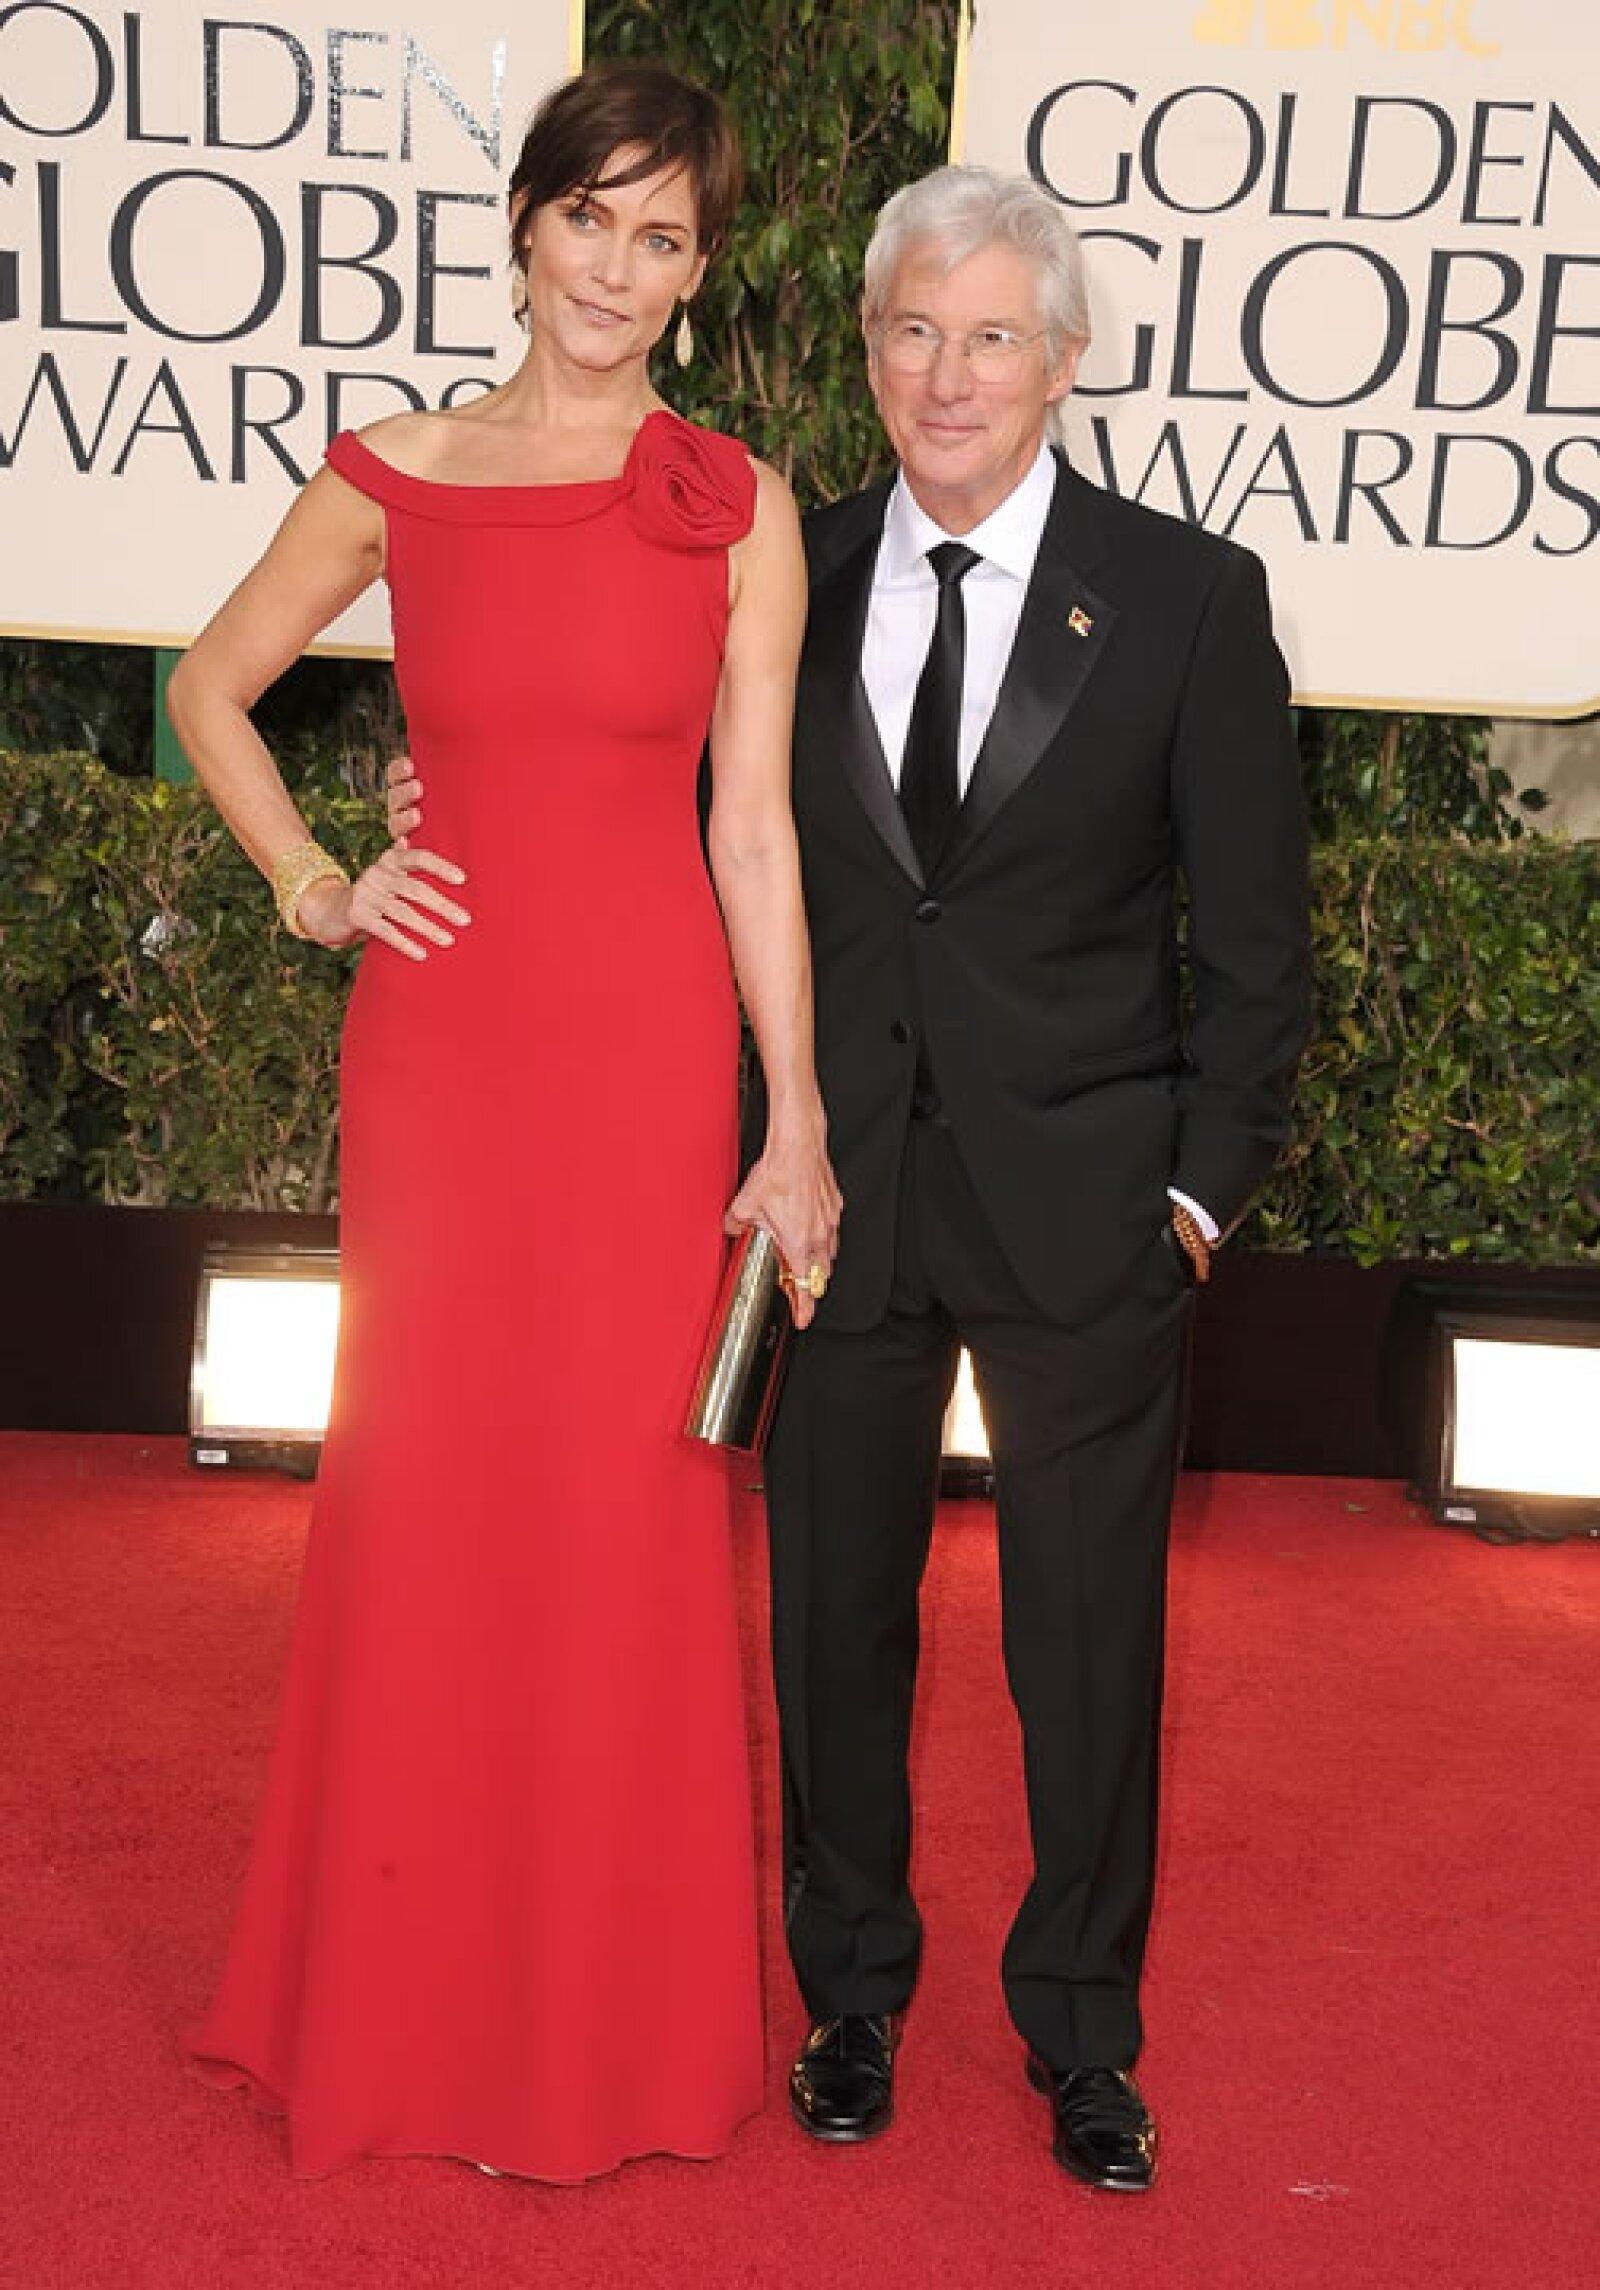 Carey Lowell la actual pareja de Richard Gere también es más alta que él.